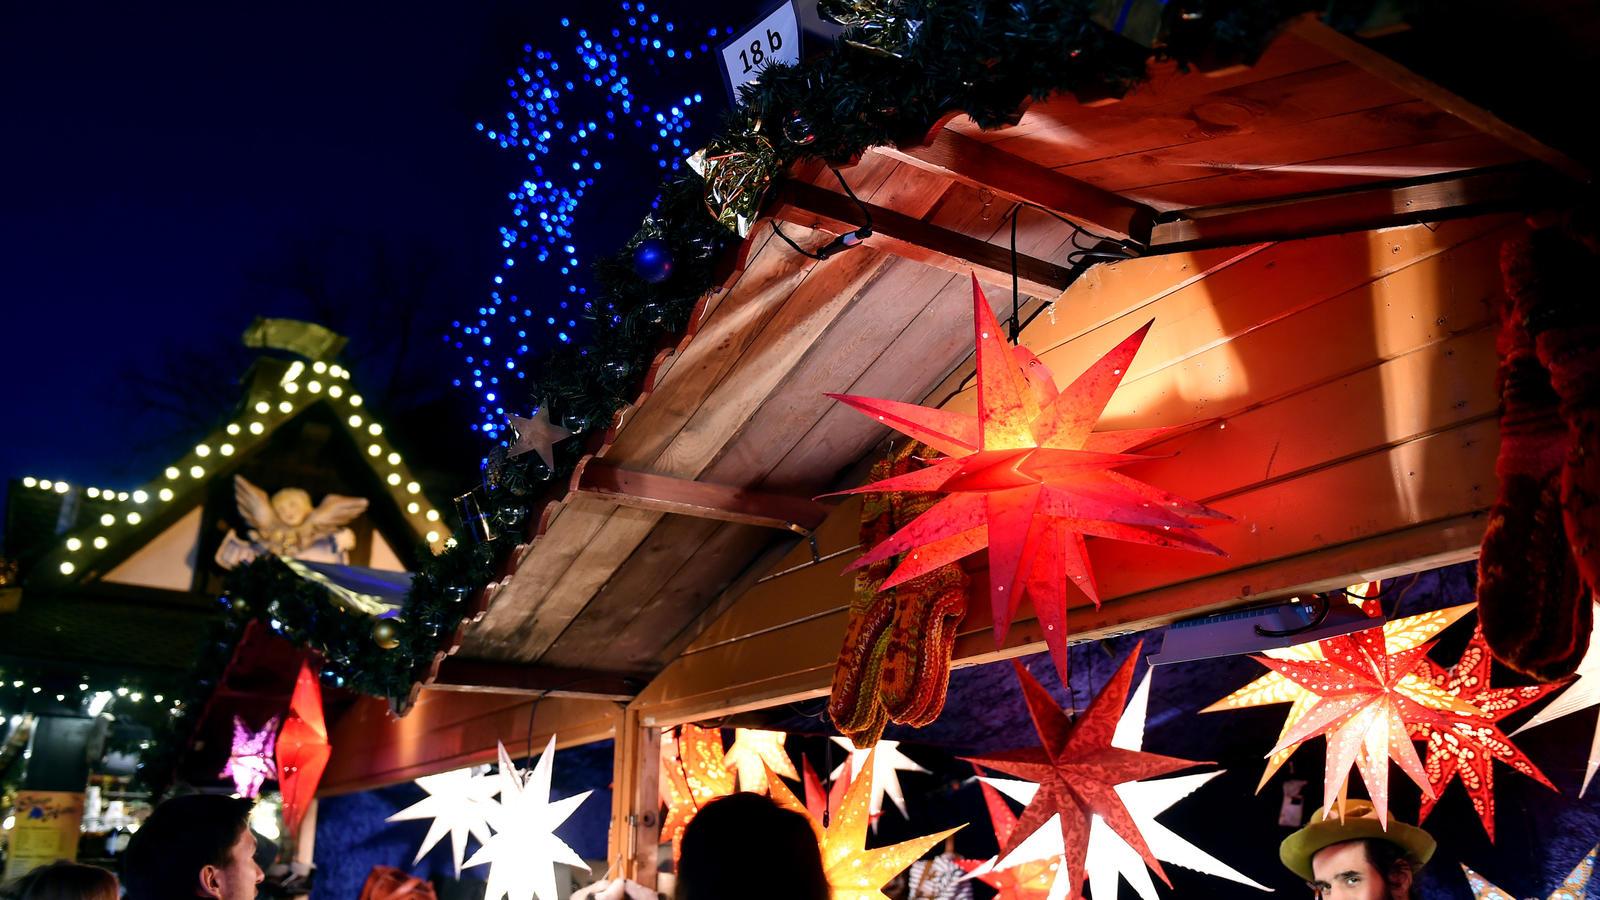 Die Ersten Weihnachtsmärkte Haben Geöffnet